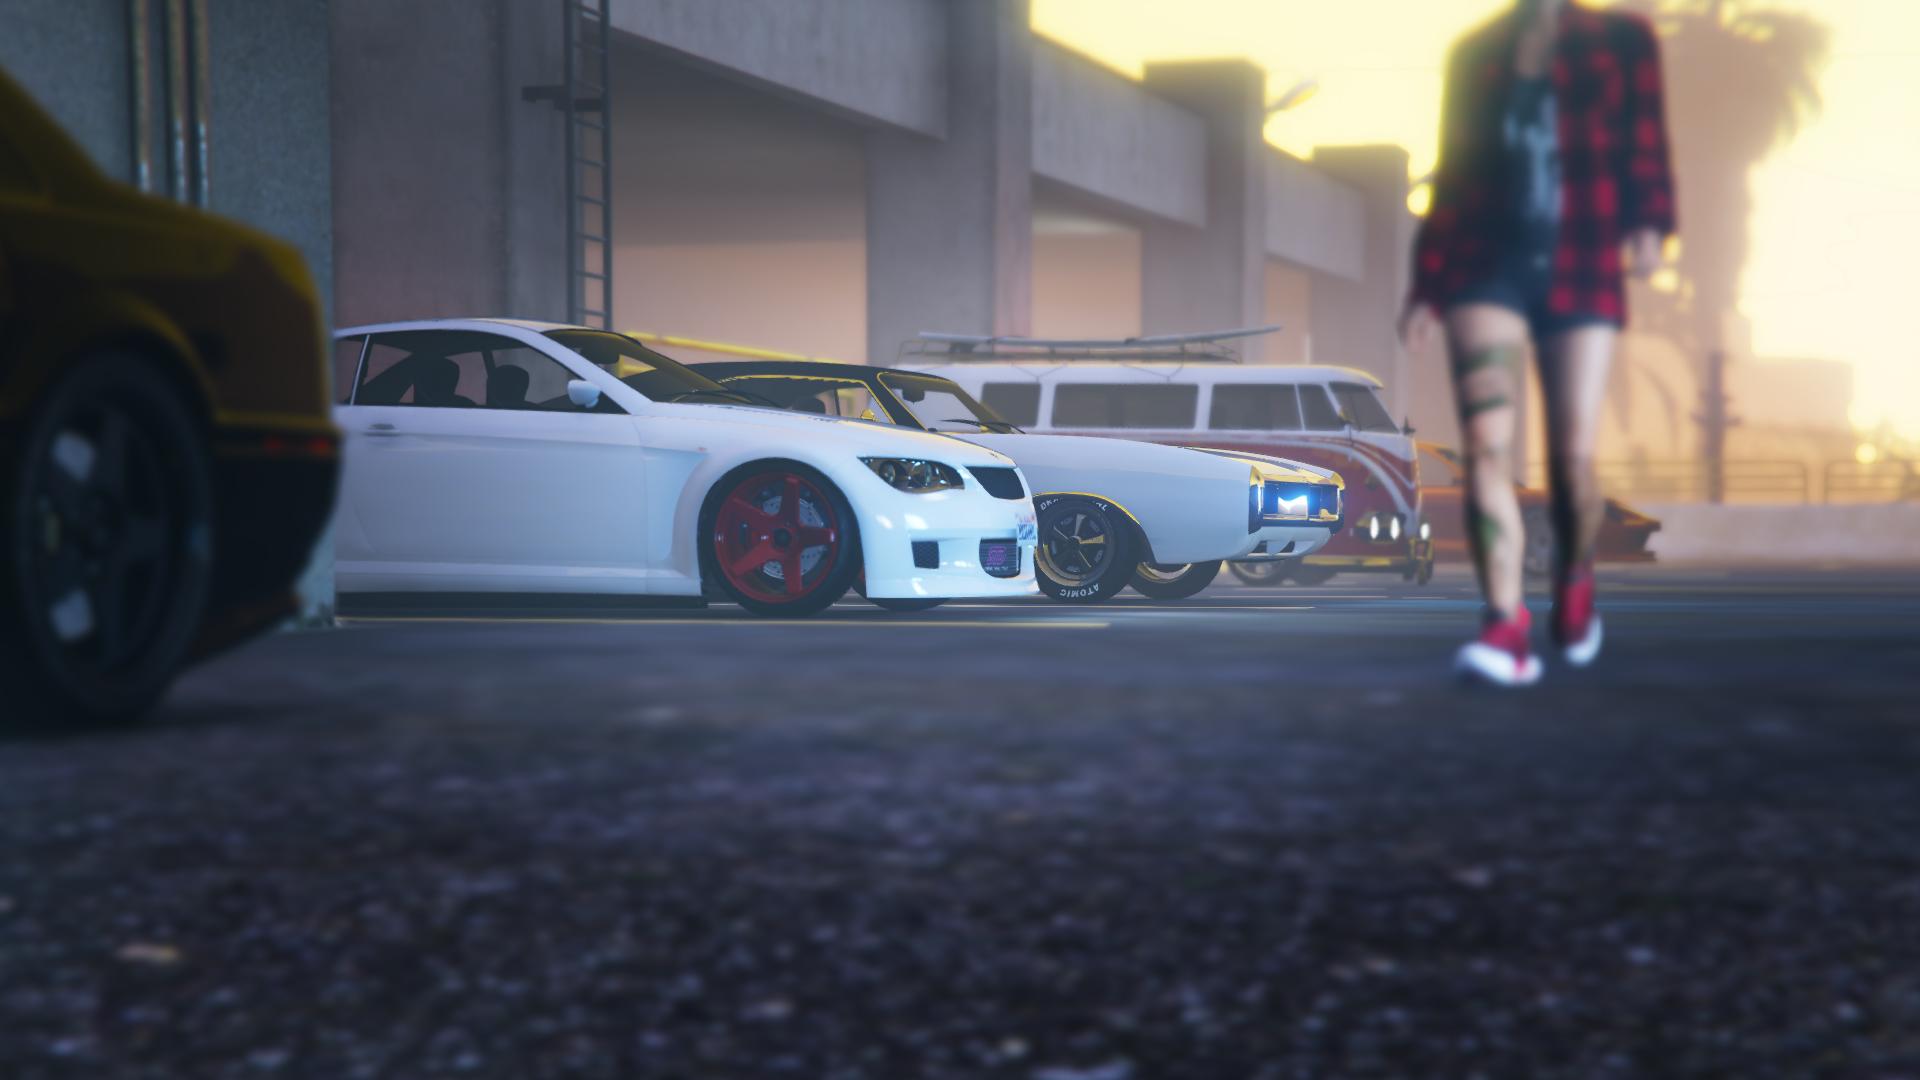 Grand_Theft_Auto_V_Screenshot_2020.11.03